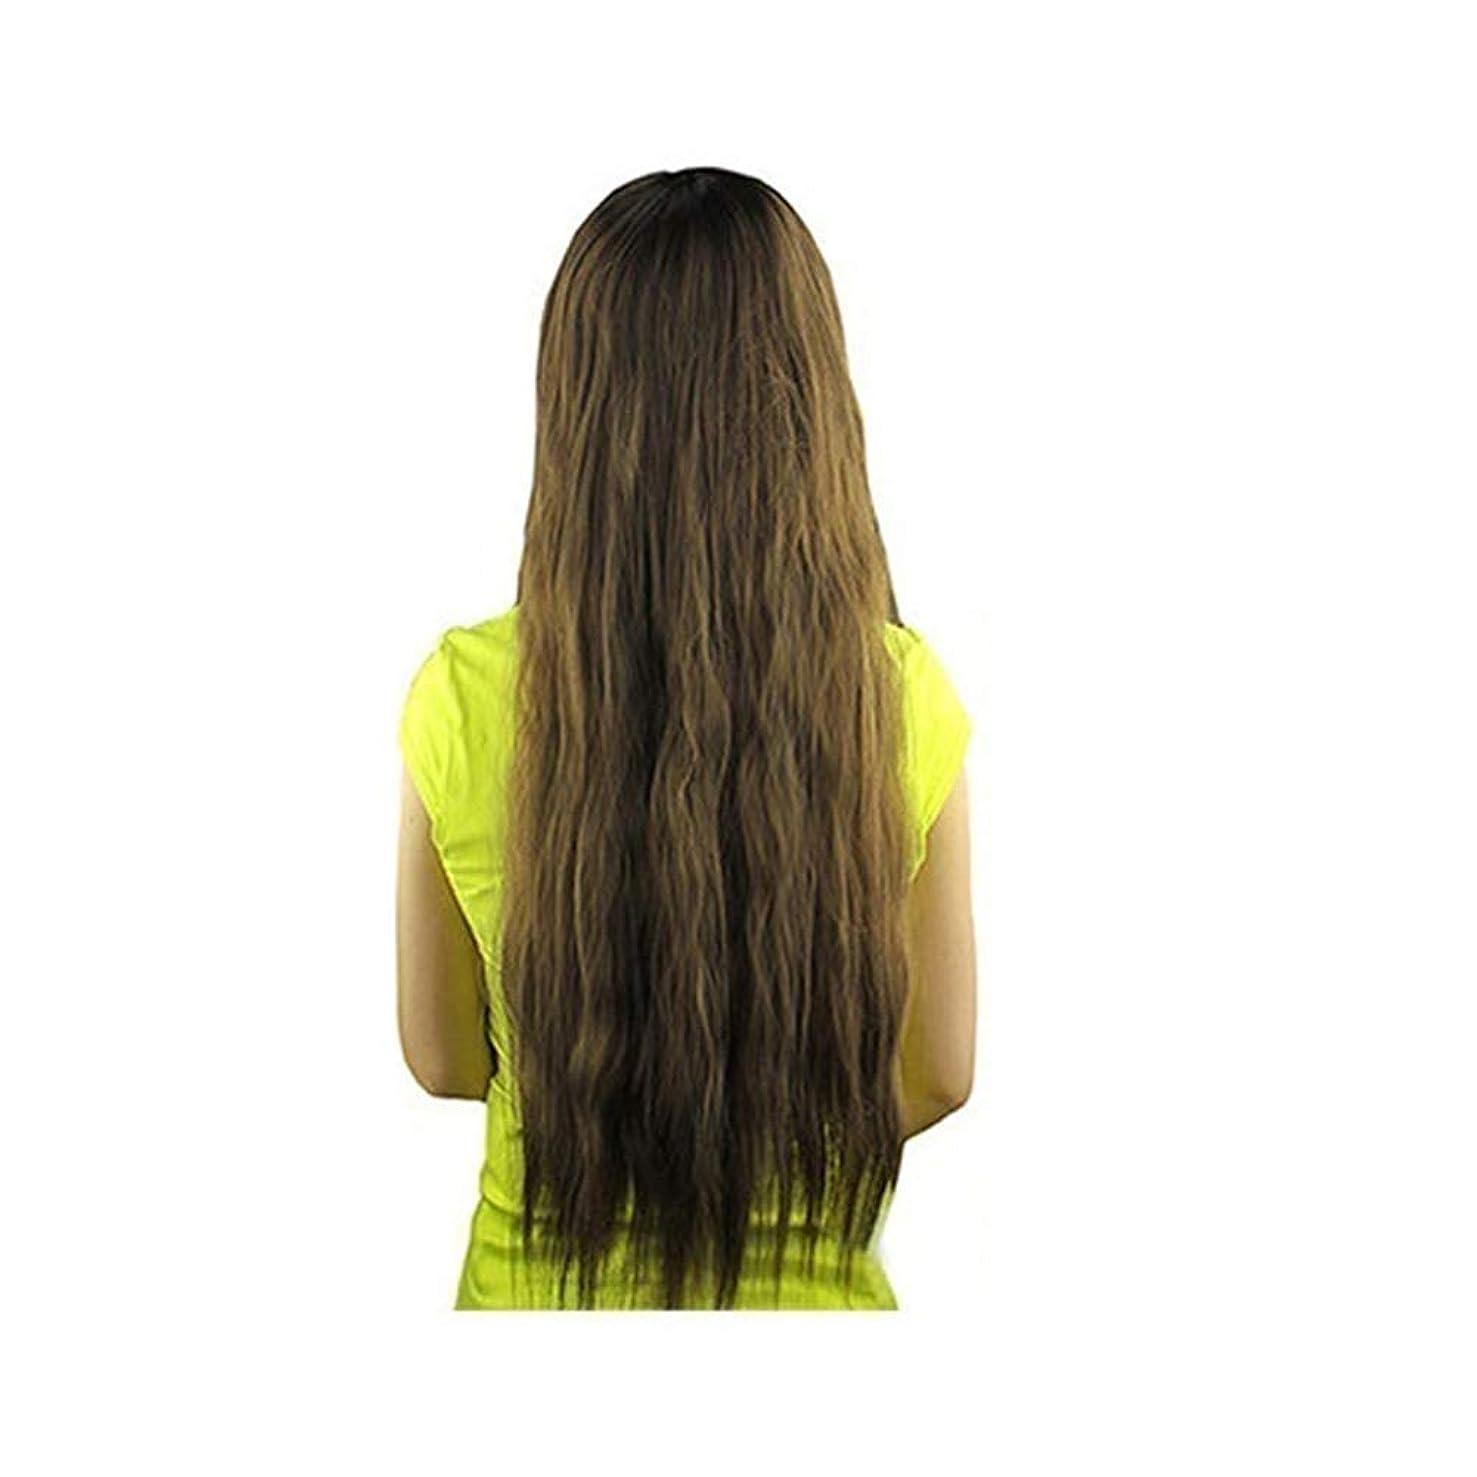 リッチ混合機構slQinjiansav女性ウィッグ修理ツール女性長波状バング髪ウィッグ耐熱パーティーコスプレ合成ヘアピース